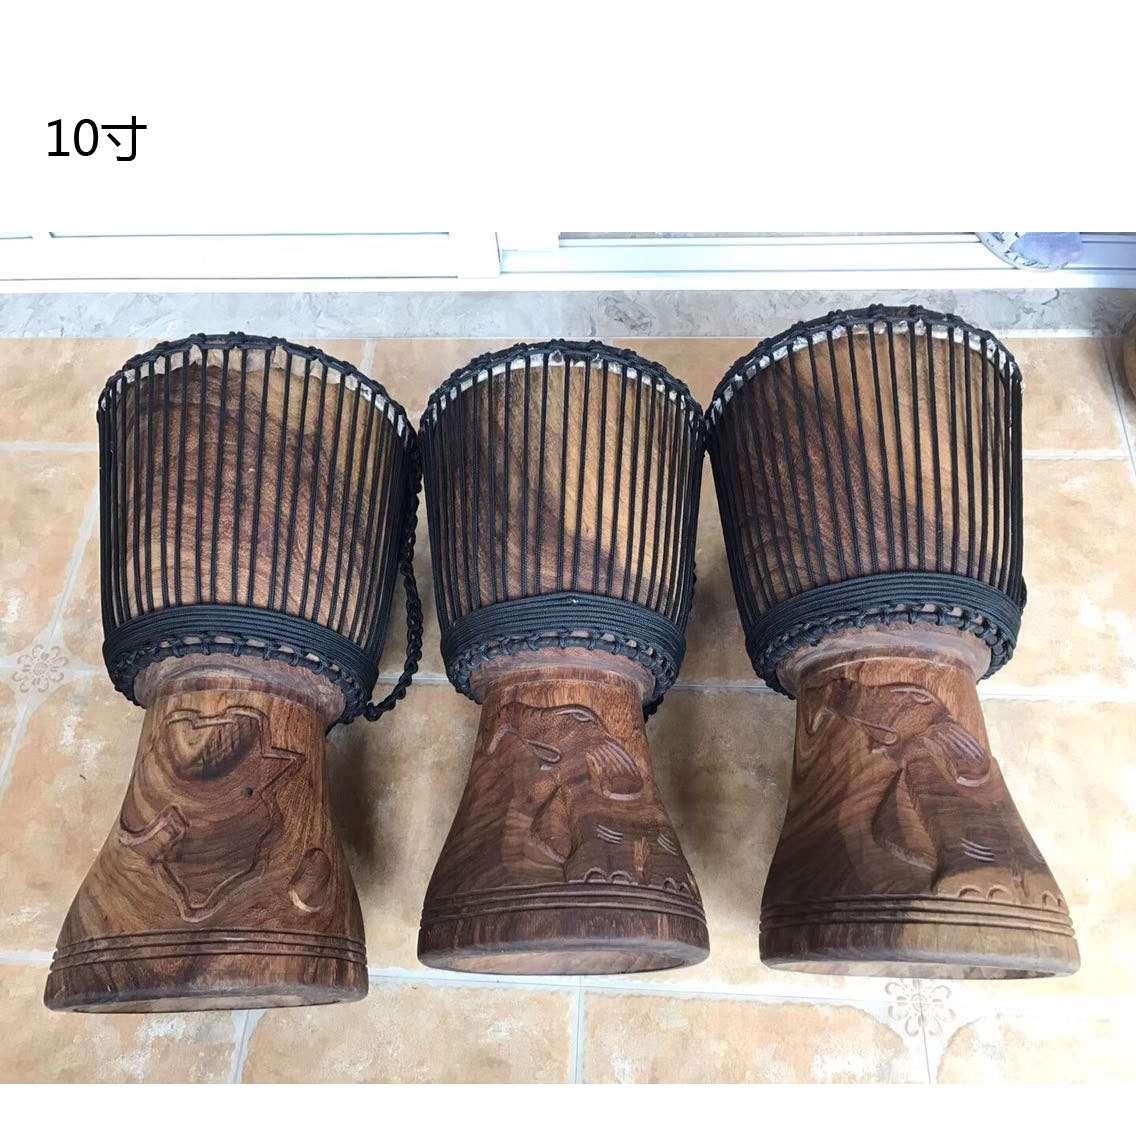 阿非手鼓 10寸11寸加纳原产非洲鼓 整木手工